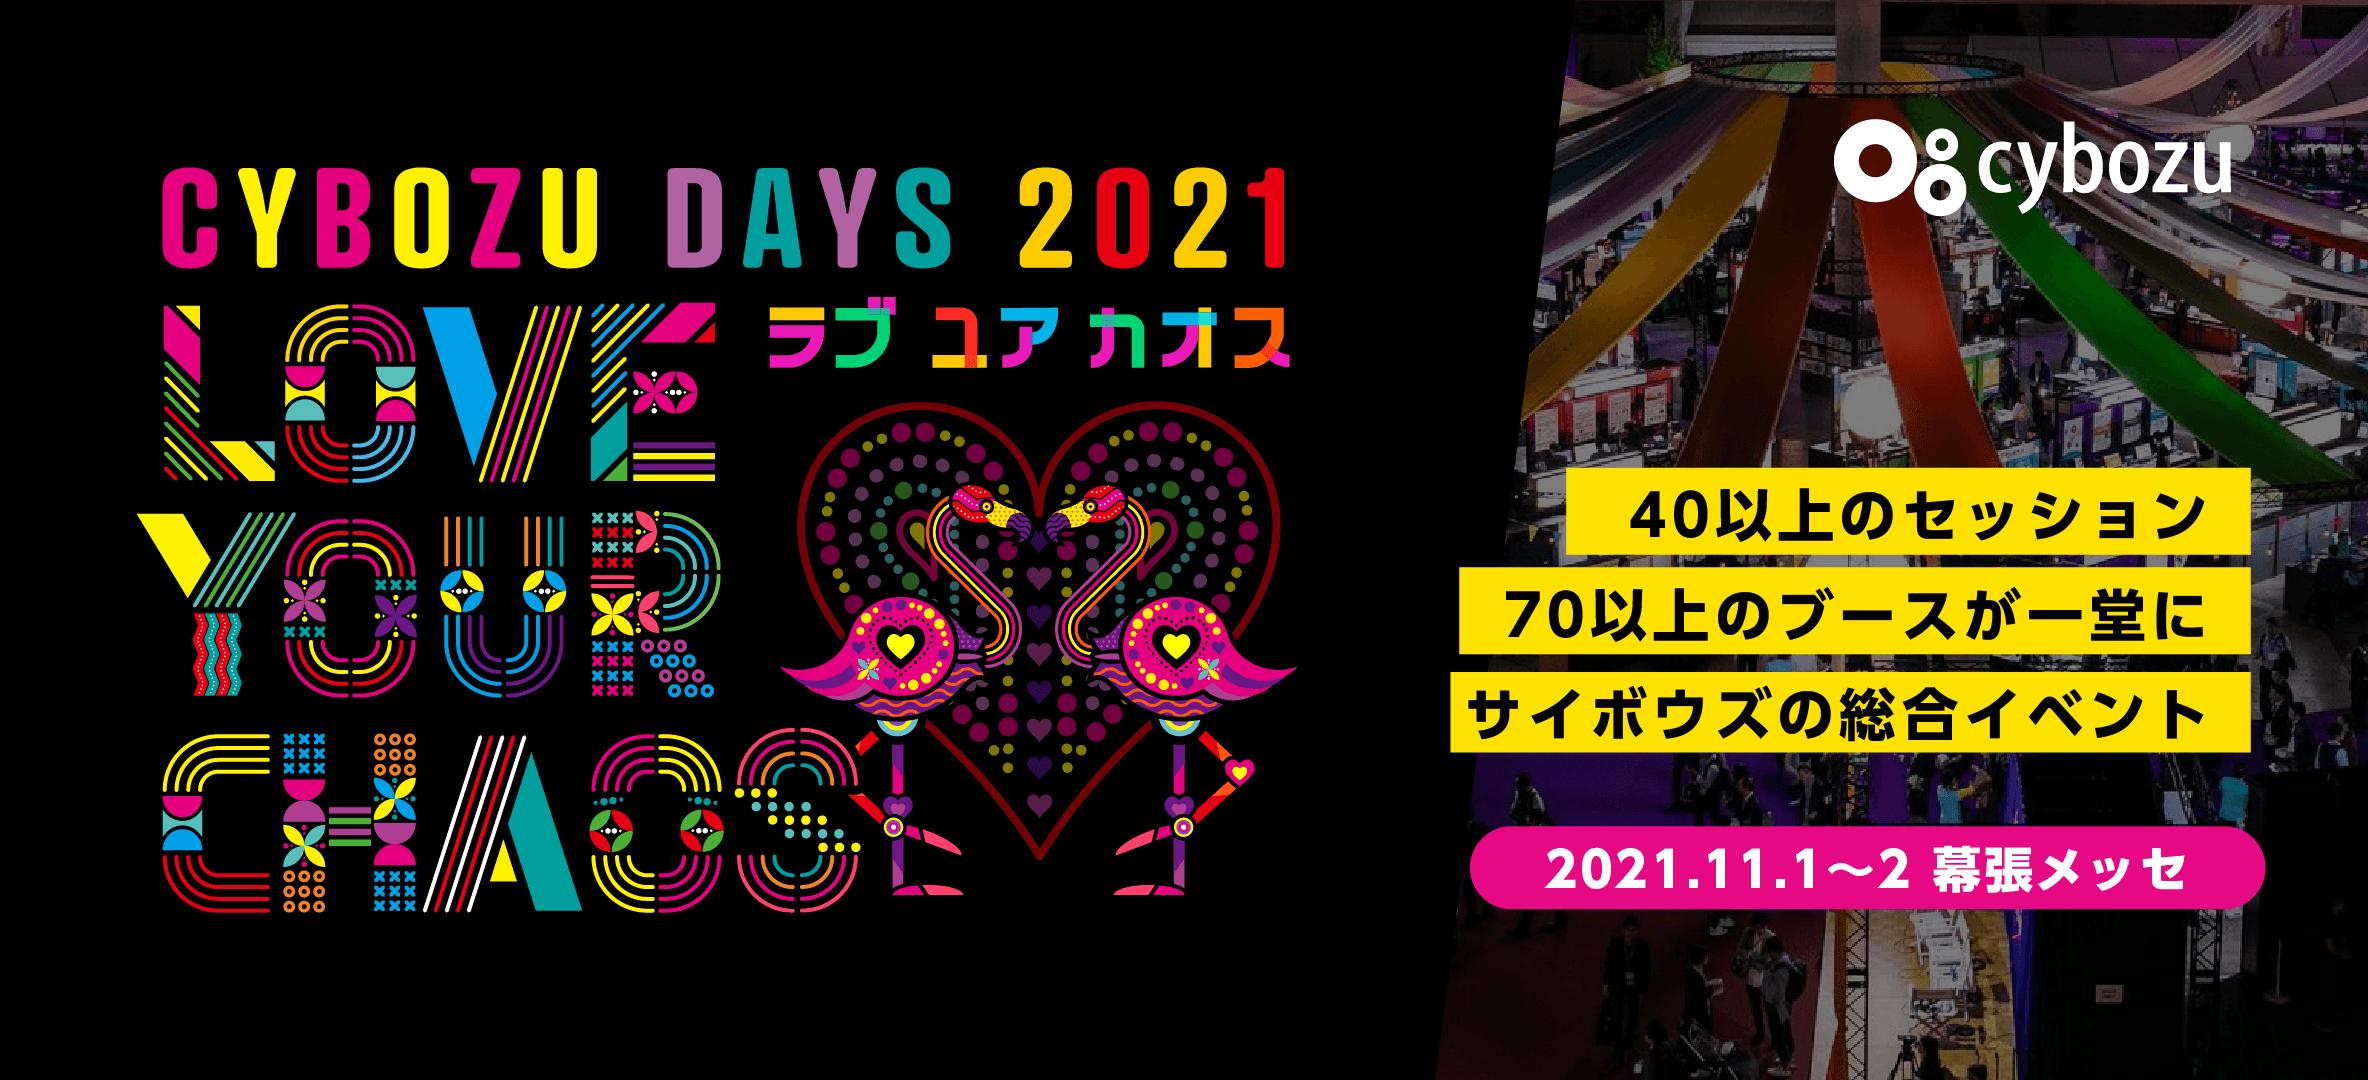 【11月1日(月)-2日(火)開催】「Cybozu Days 2021」に今年は2つの製品を出展いたします!